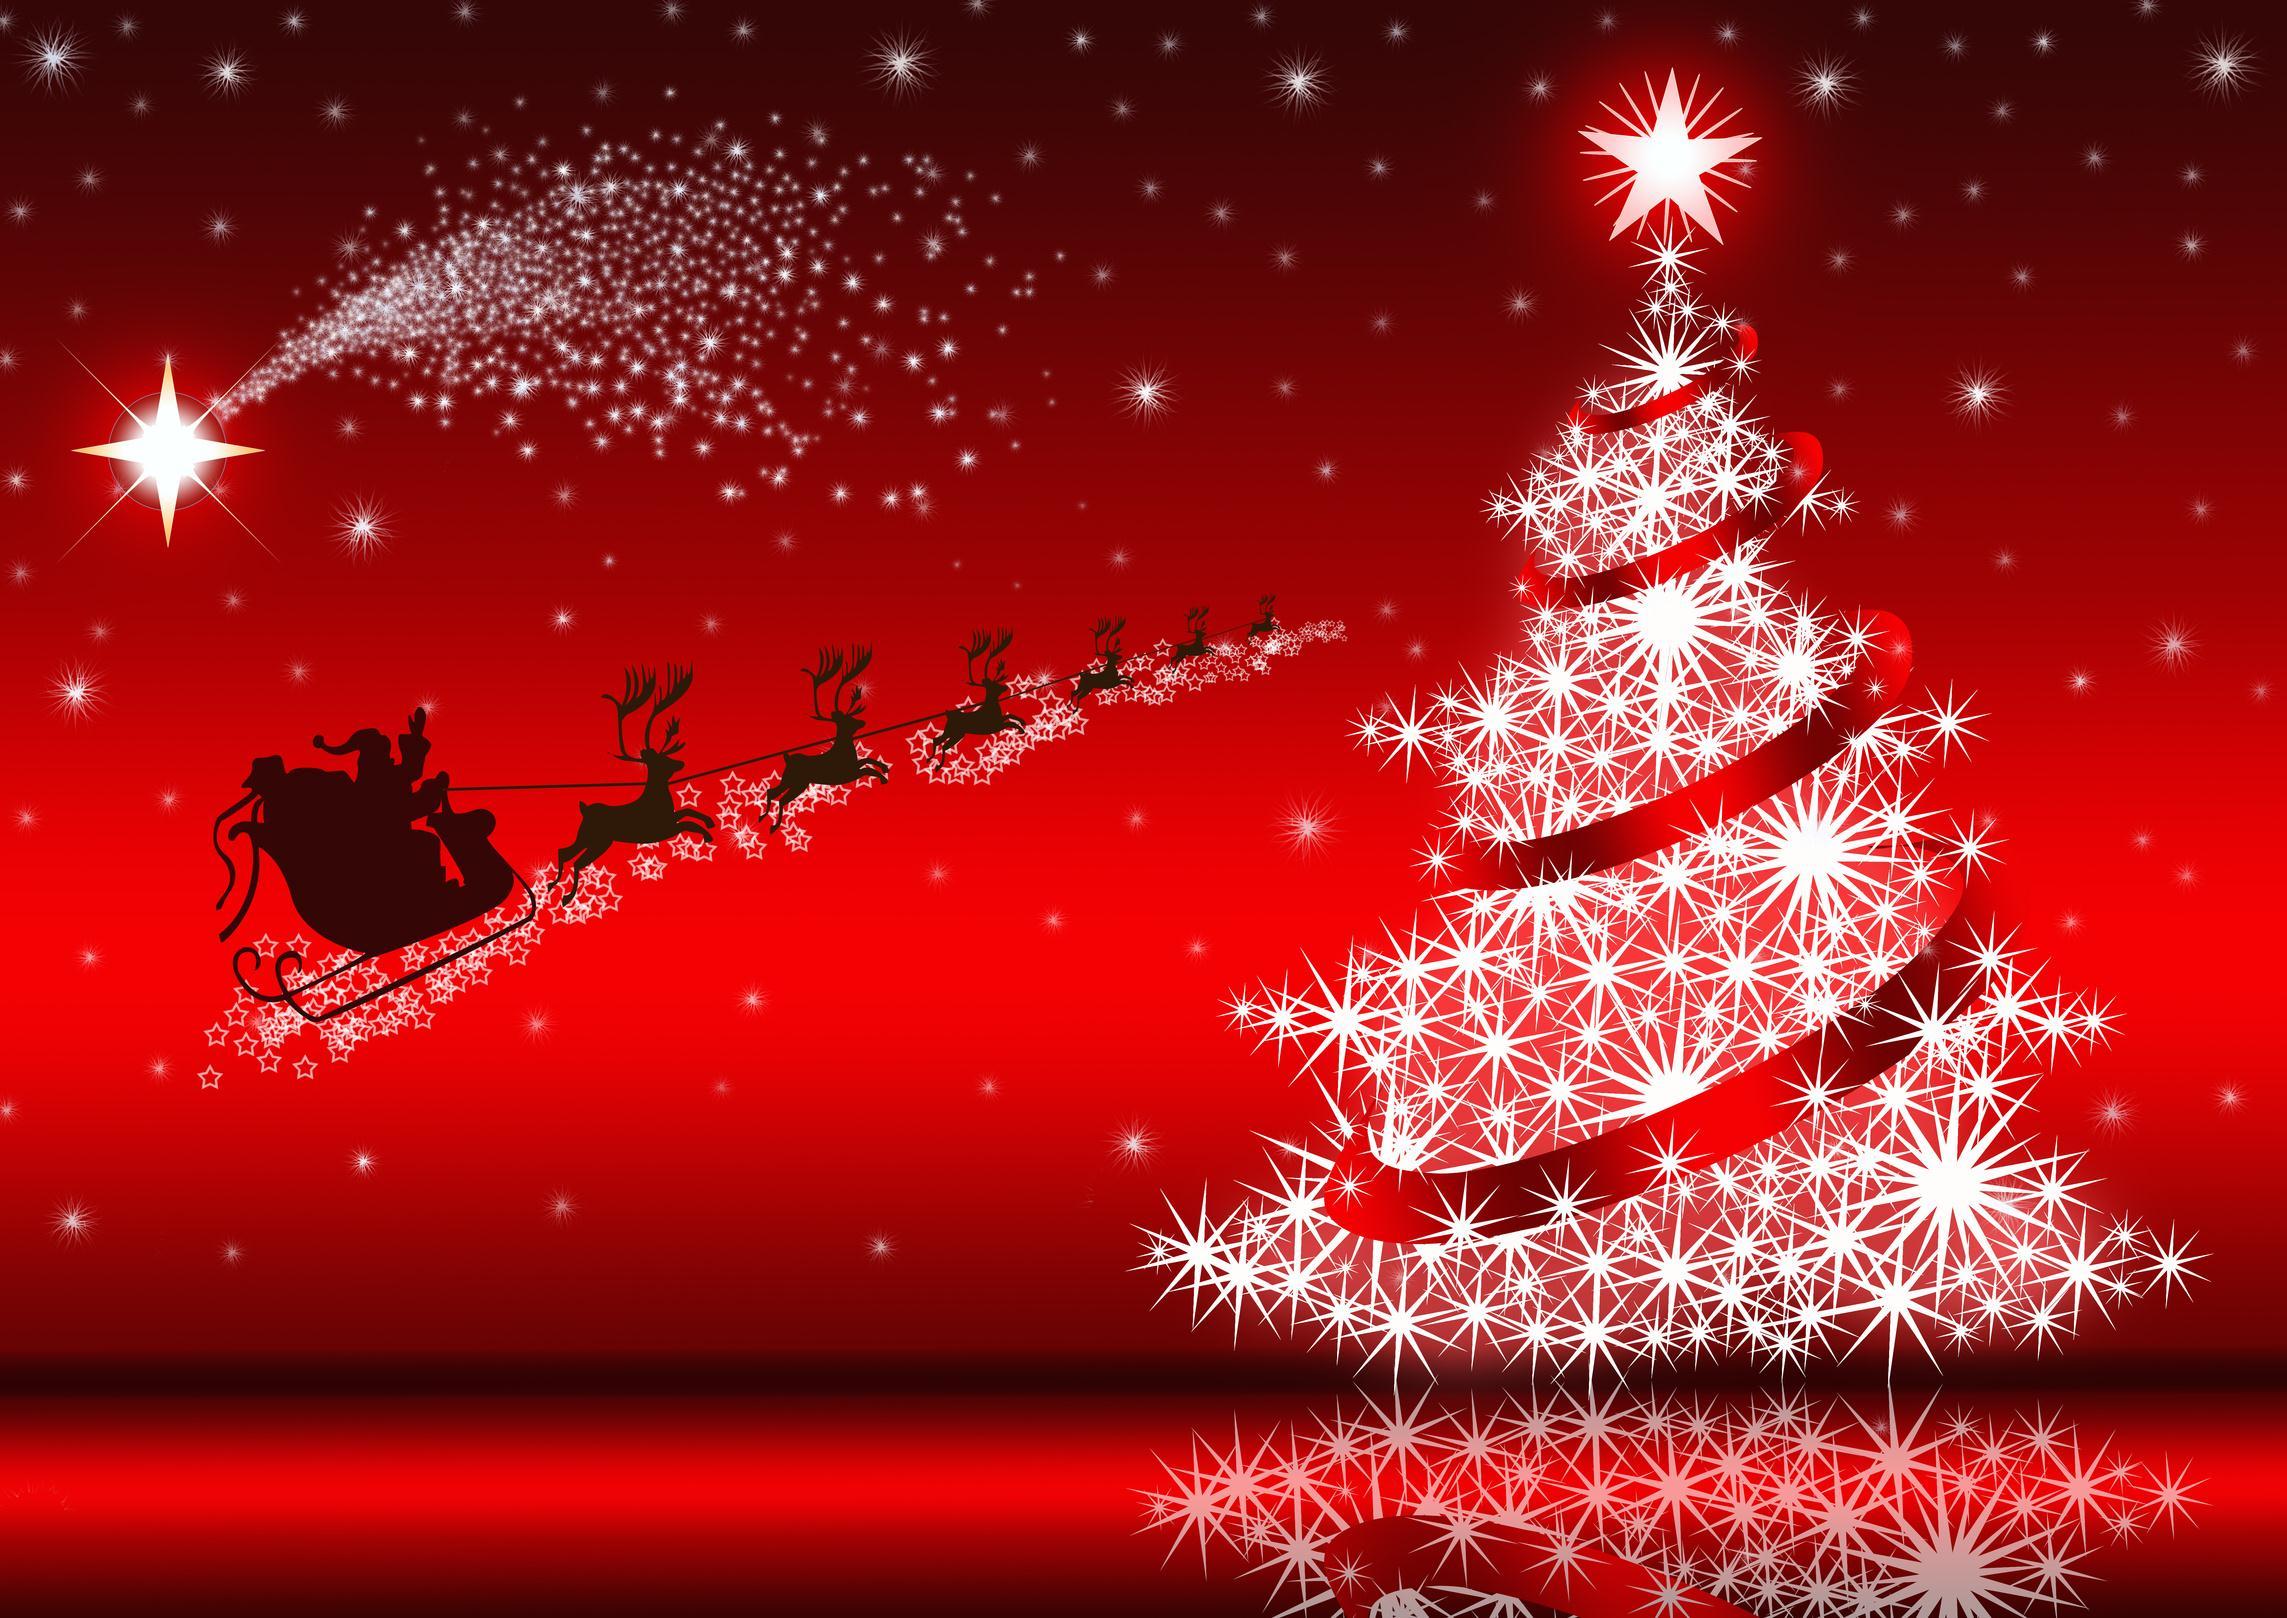 Fête de Noël des enfants - Amicale du Conseil de l'Europe